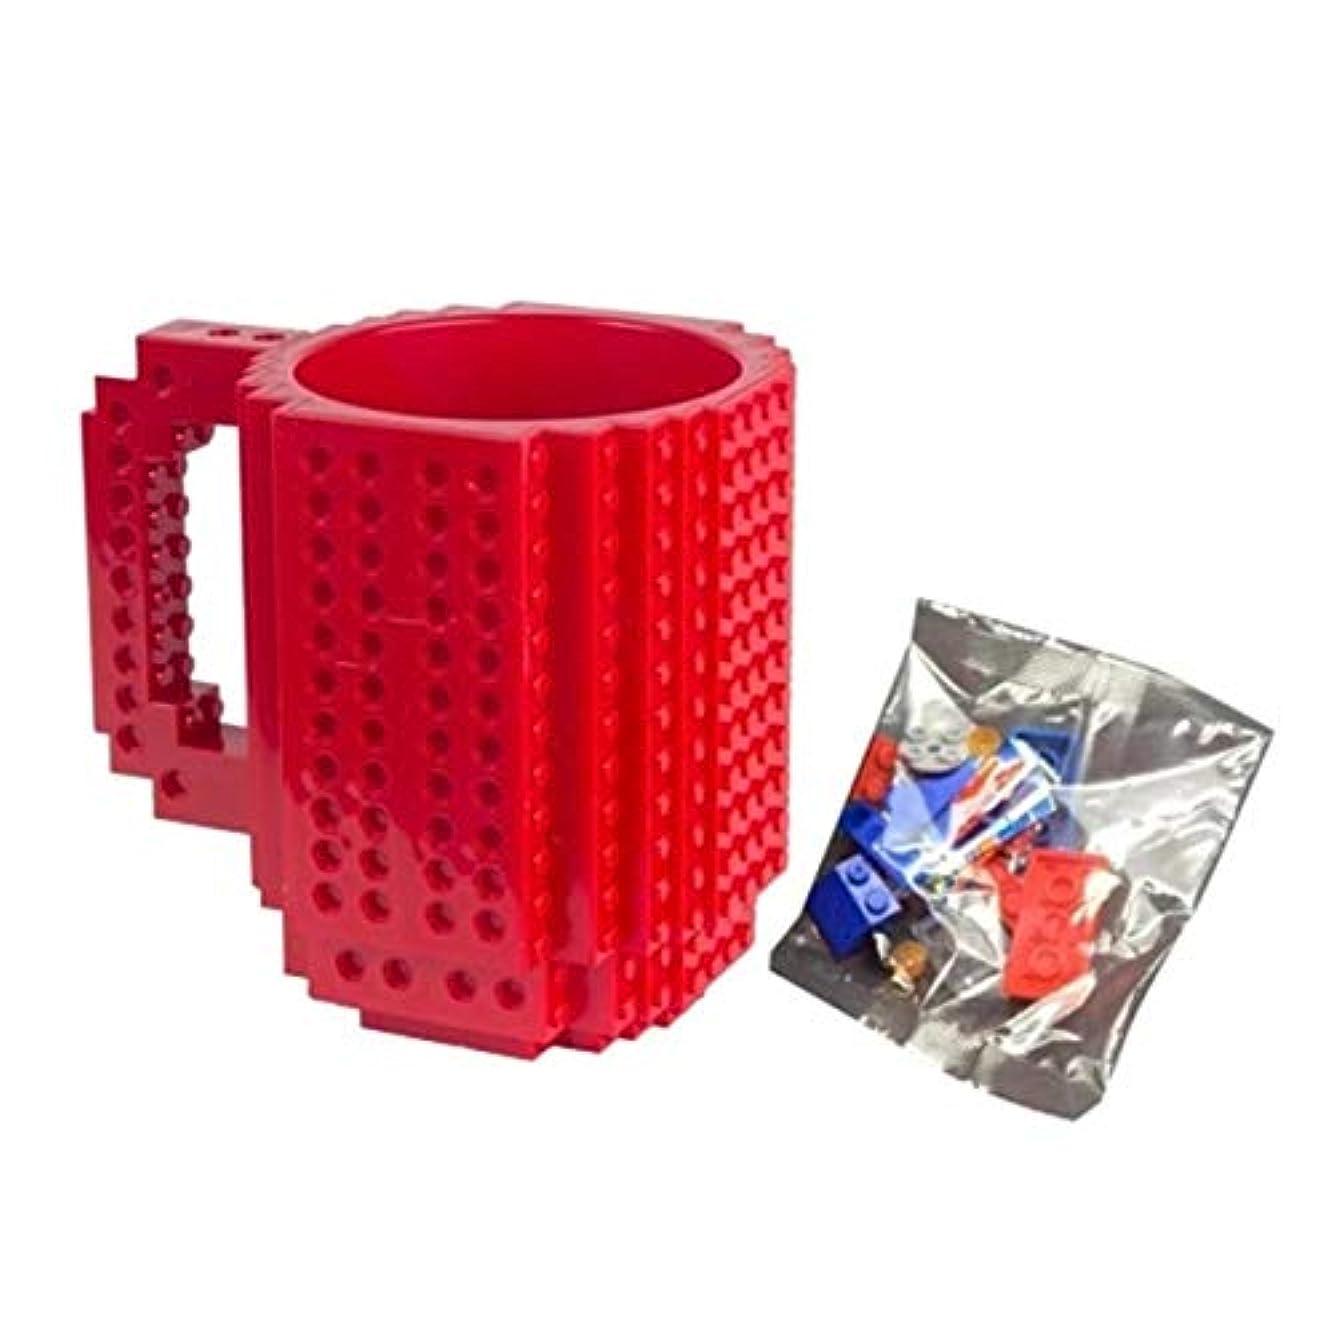 にやにや朝ごはん発信Saikogoods レンガマグカップDIY?ビルディング?ブロックのコーヒーカップを構築 赤